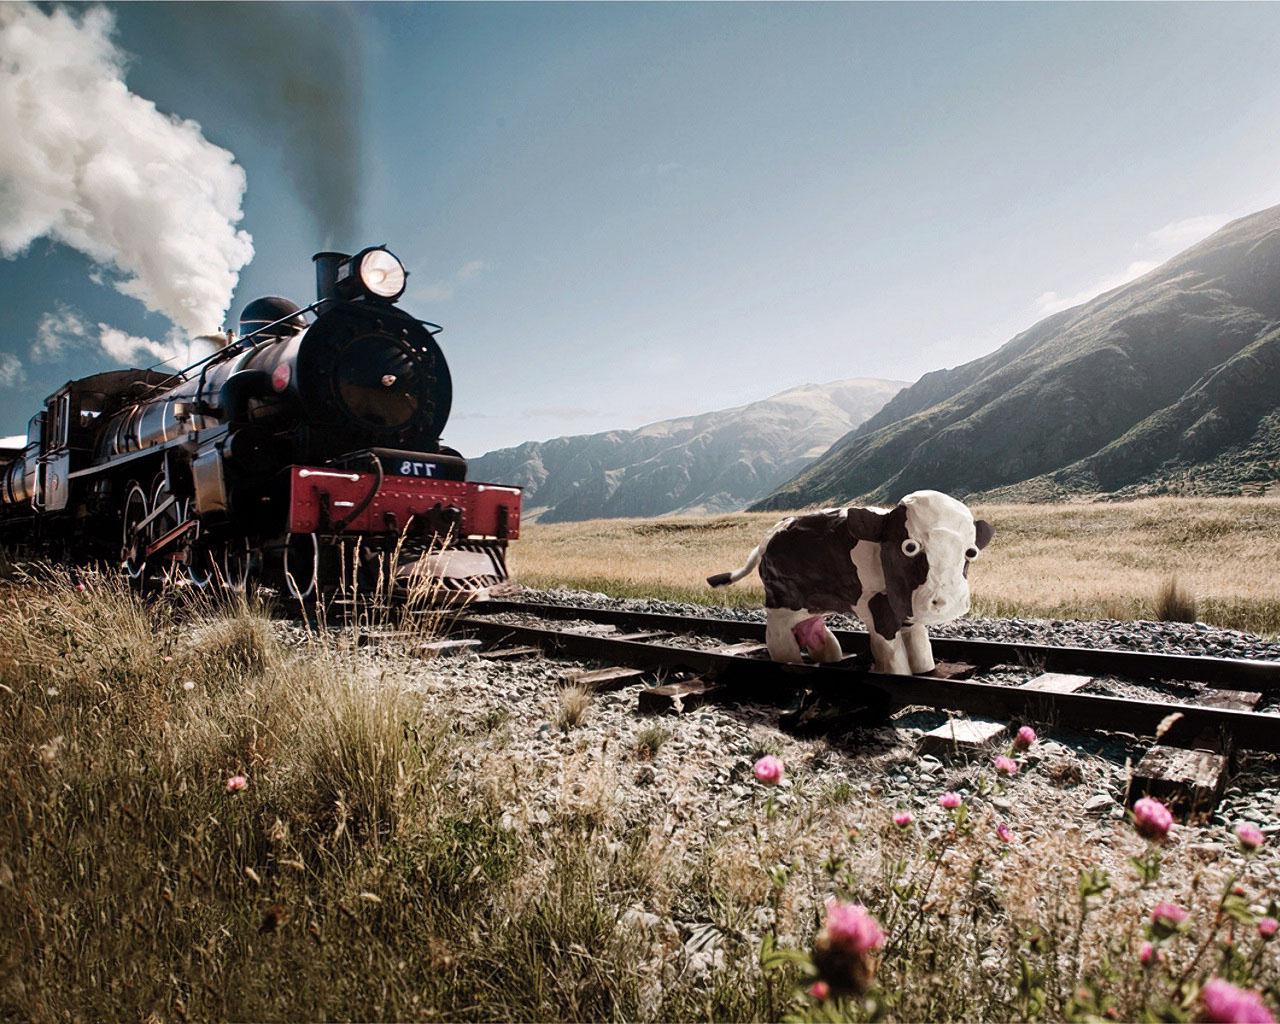 Поезд хочет задавить корову, прикольные обои для iphone x, 1280 на 1024 пикселей